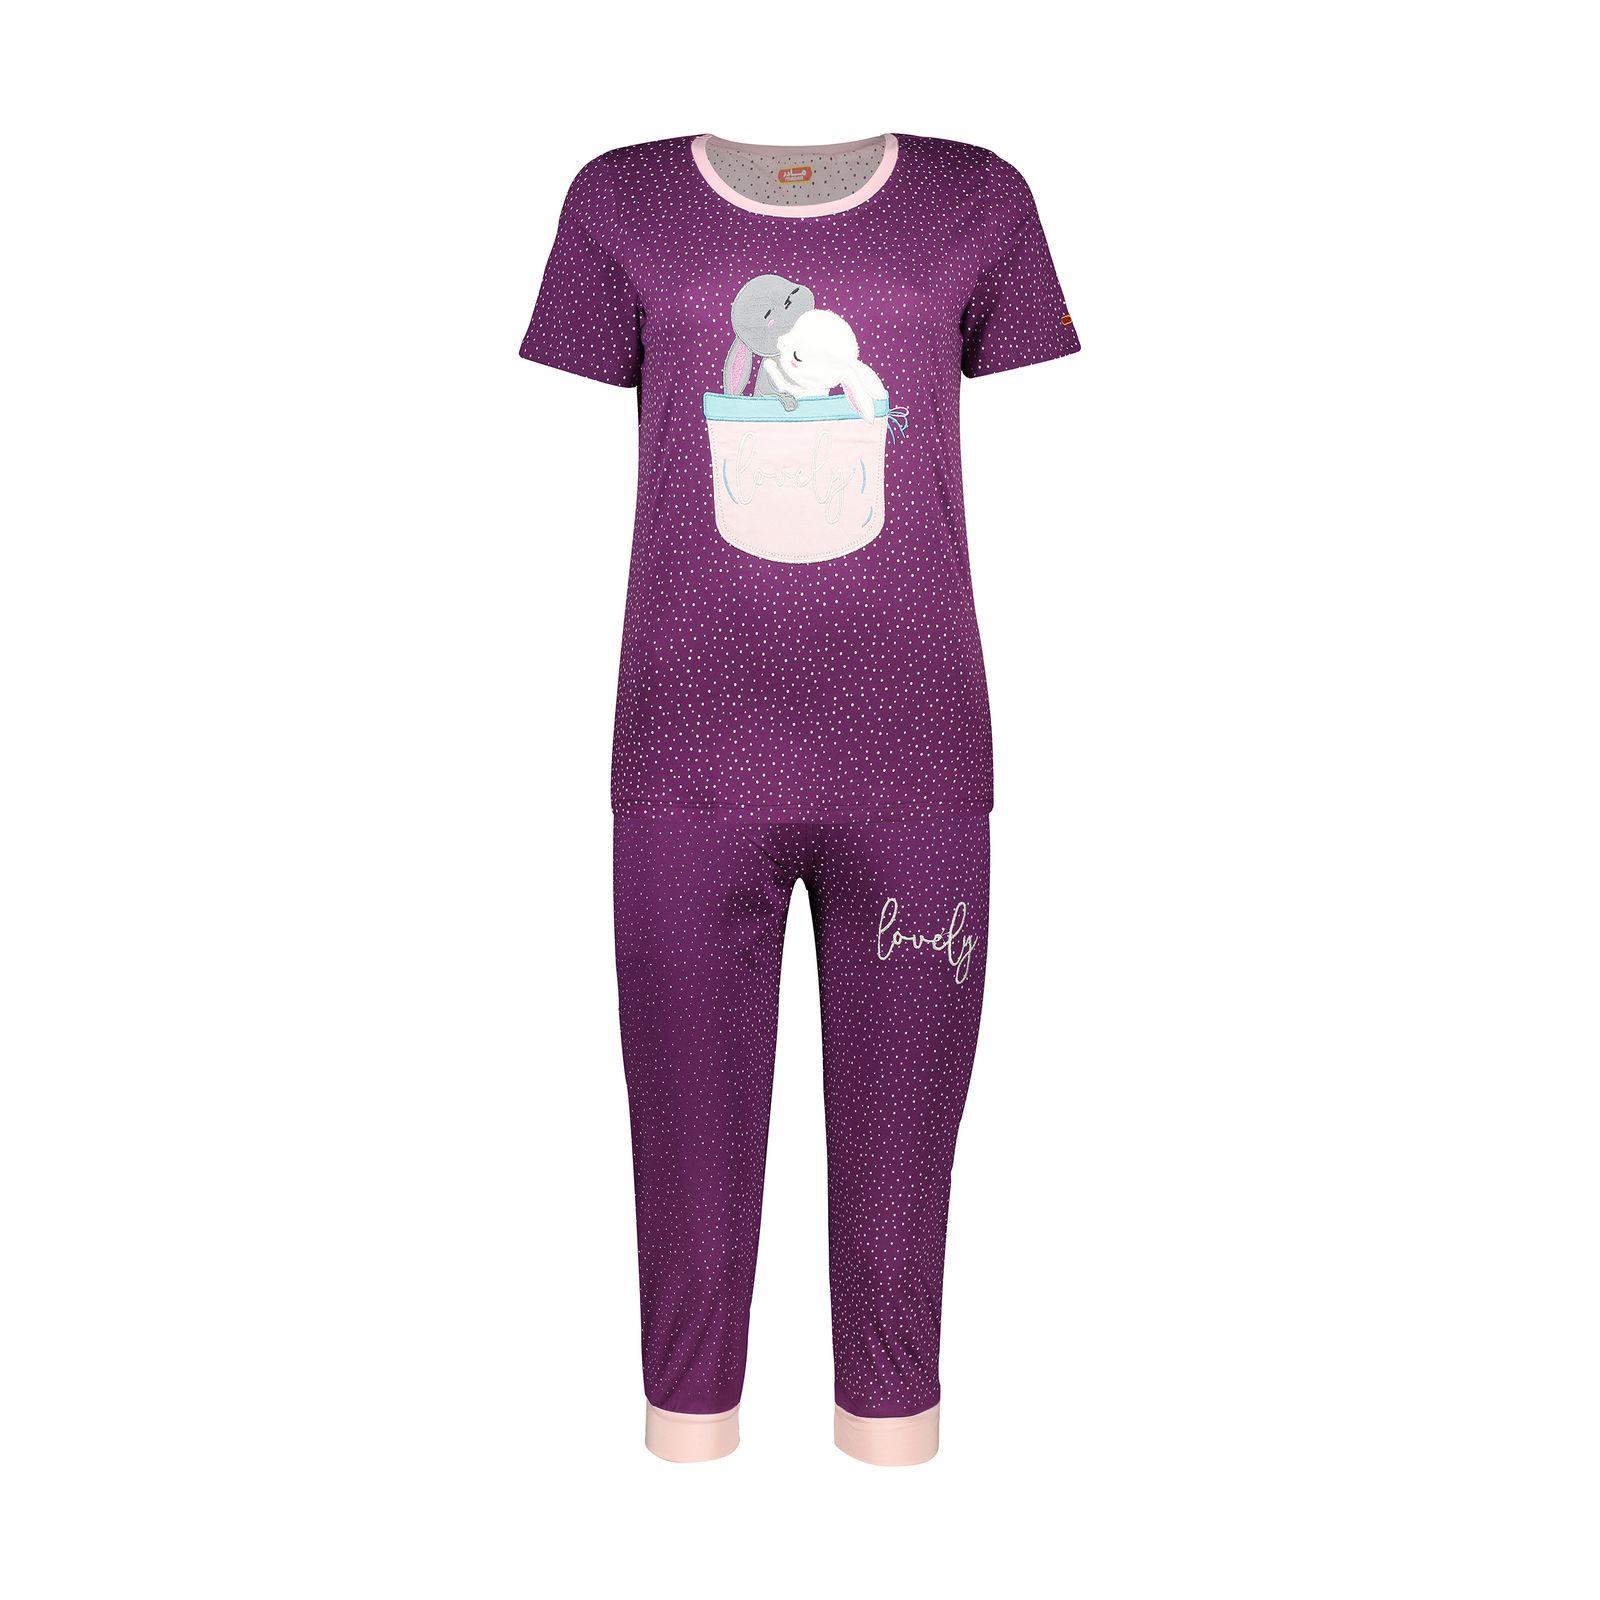 ست تی شرت و شلوارک راحتی زنانه مادر مدل 2041102-67 -  - 2